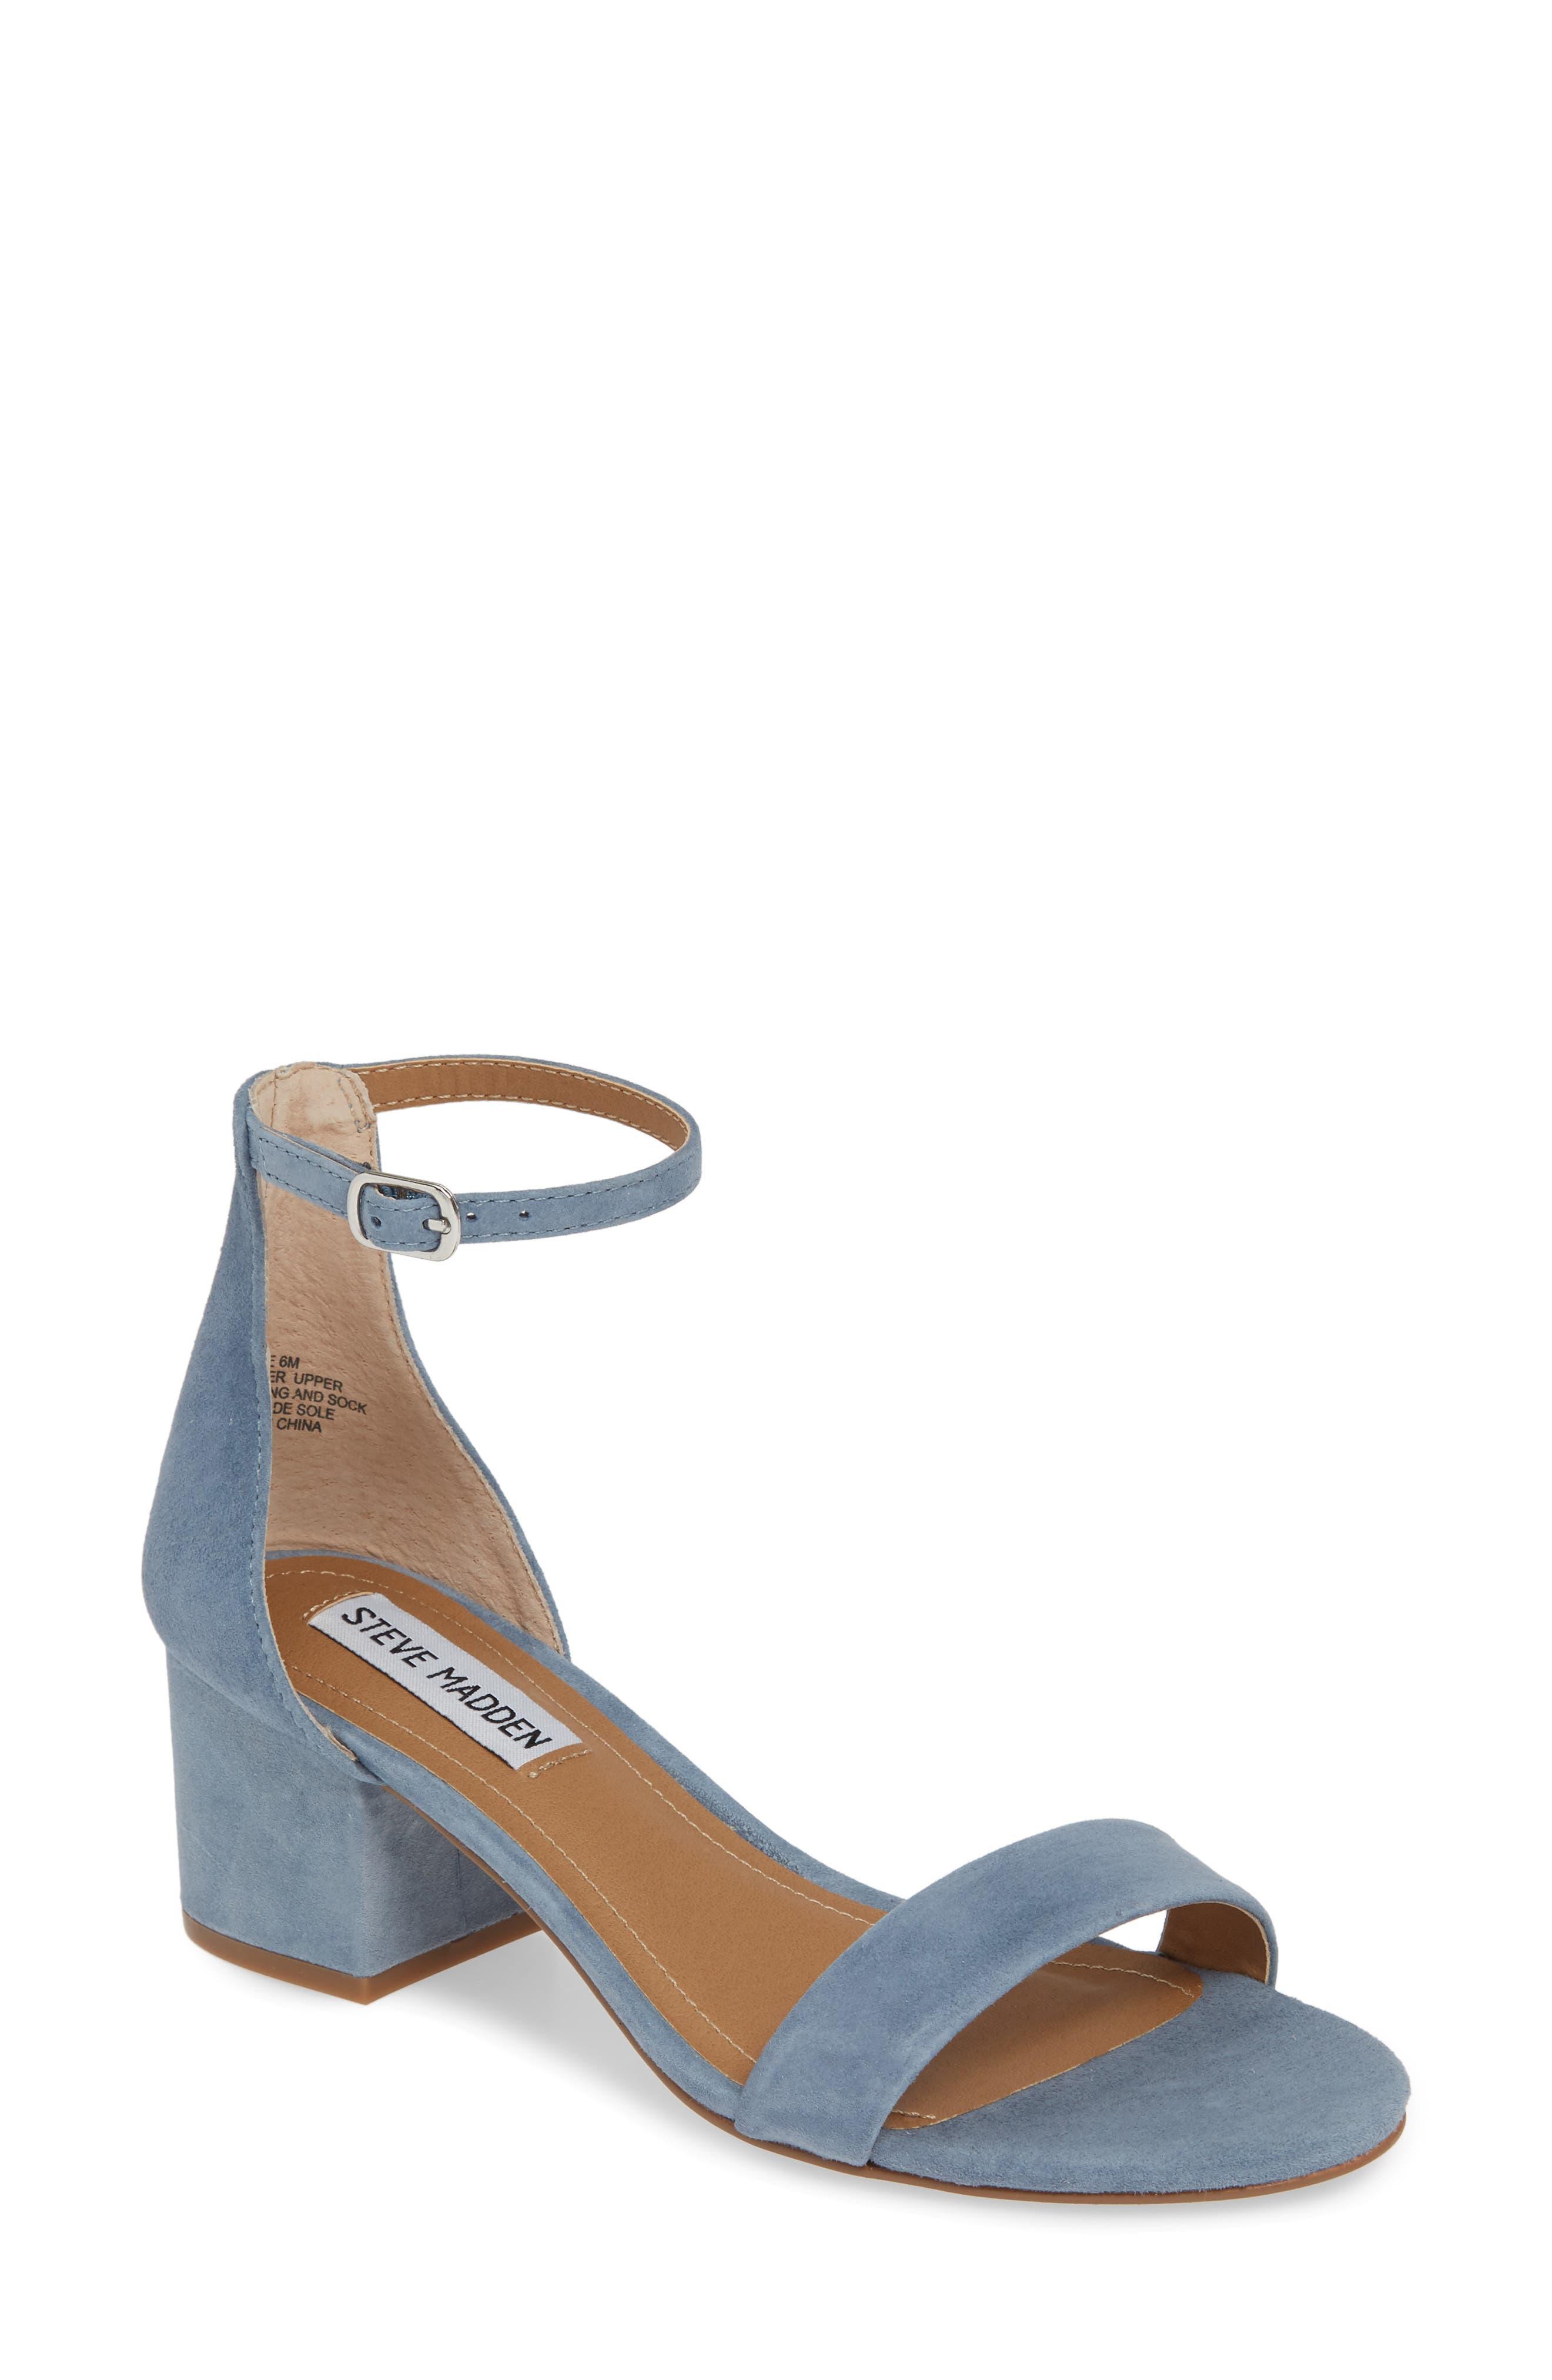 278d5b534cc Steve Madden Ankle Strap Sandals for Women